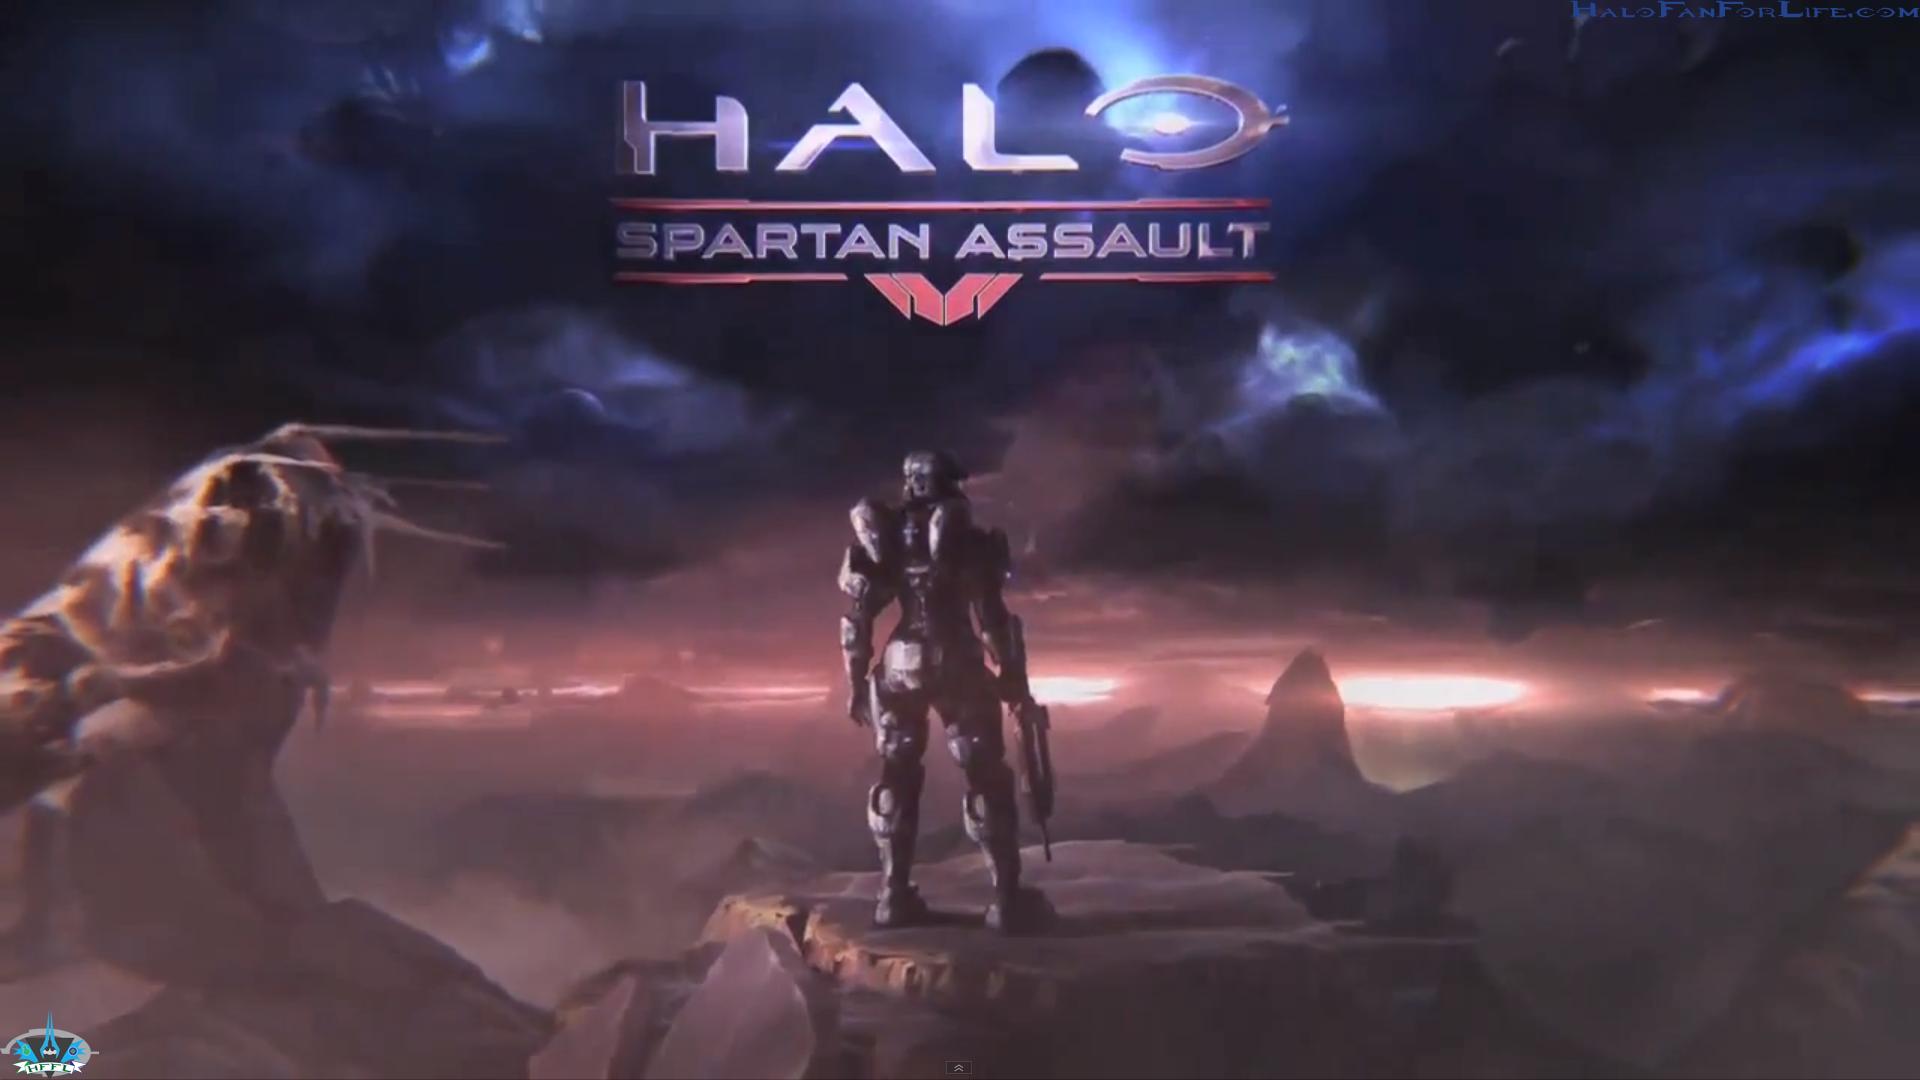 Cliquez sur l'image pour la voir en taille réelle  Nom : Halo Spartan Assault.png Affichages : 64 Taille : 1018,7 Ko ID : 266496